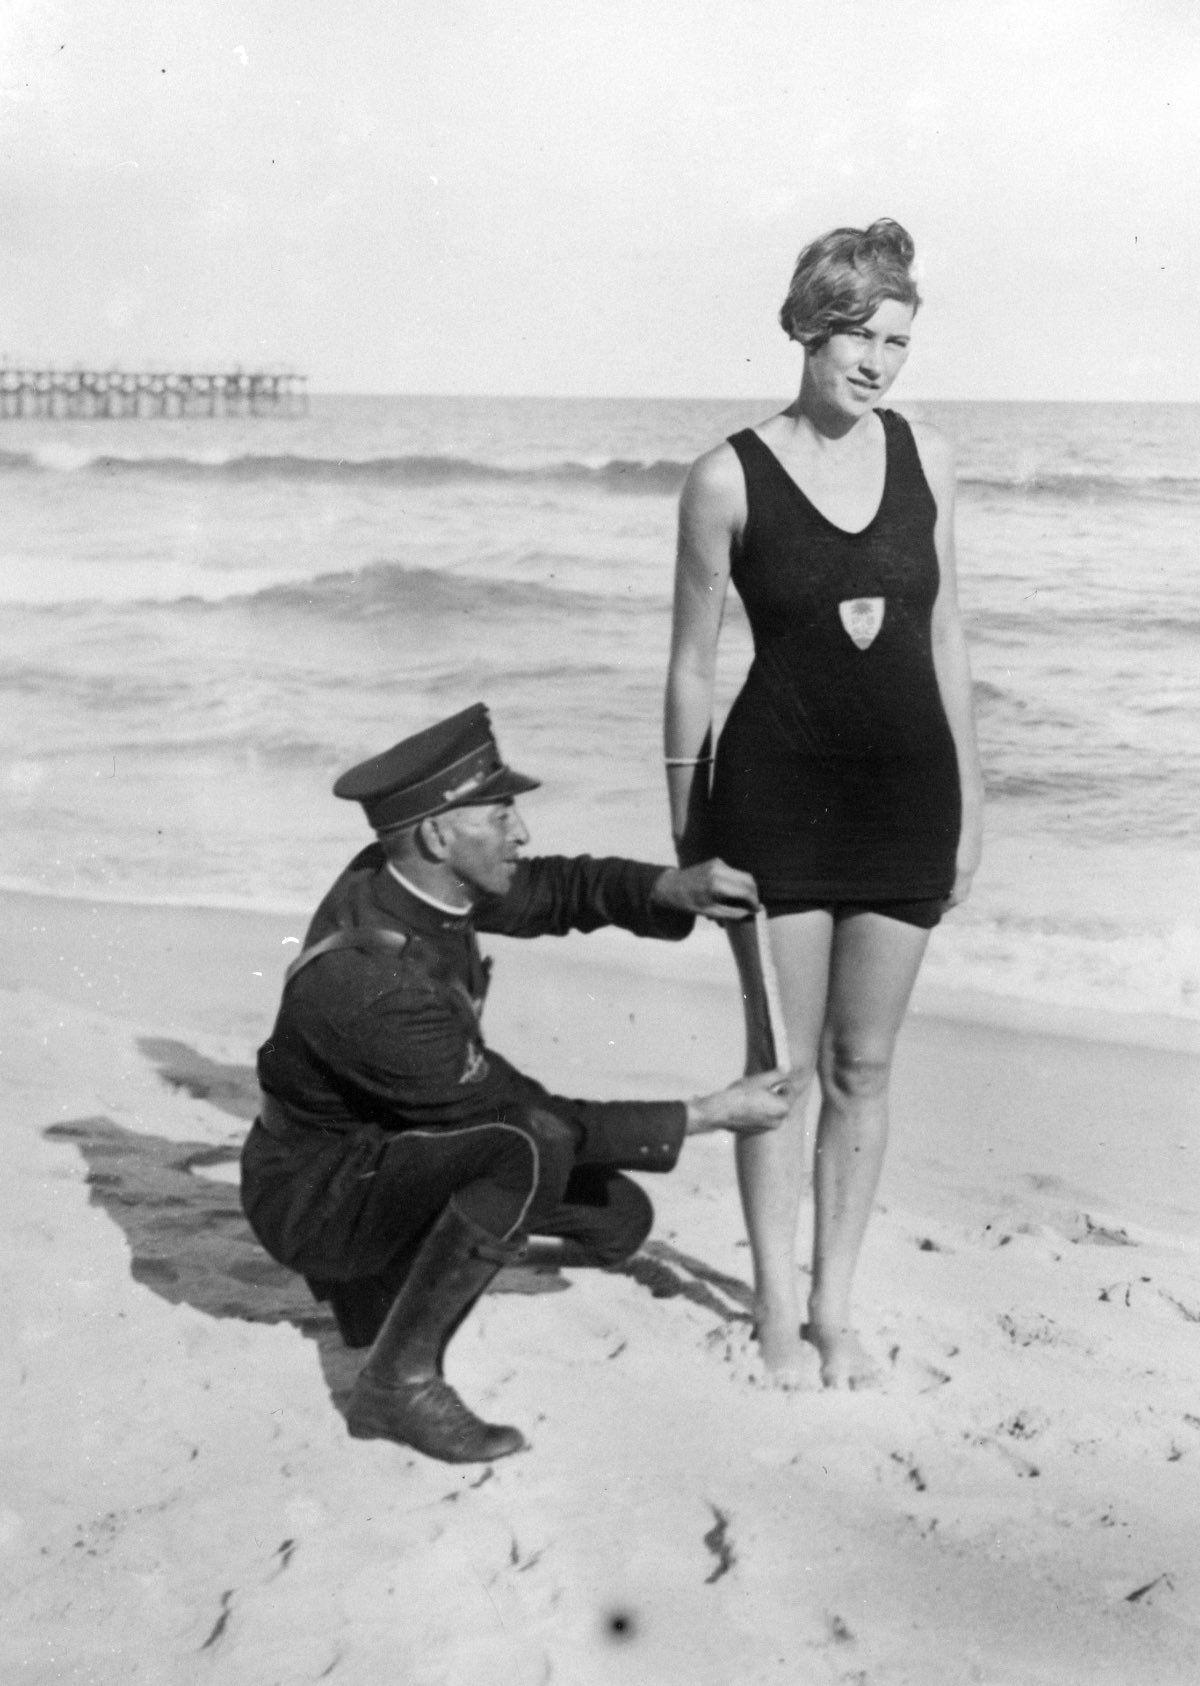 El agente Smokey Buchanan controlando el largo del bañador en Palm Beach, 1925